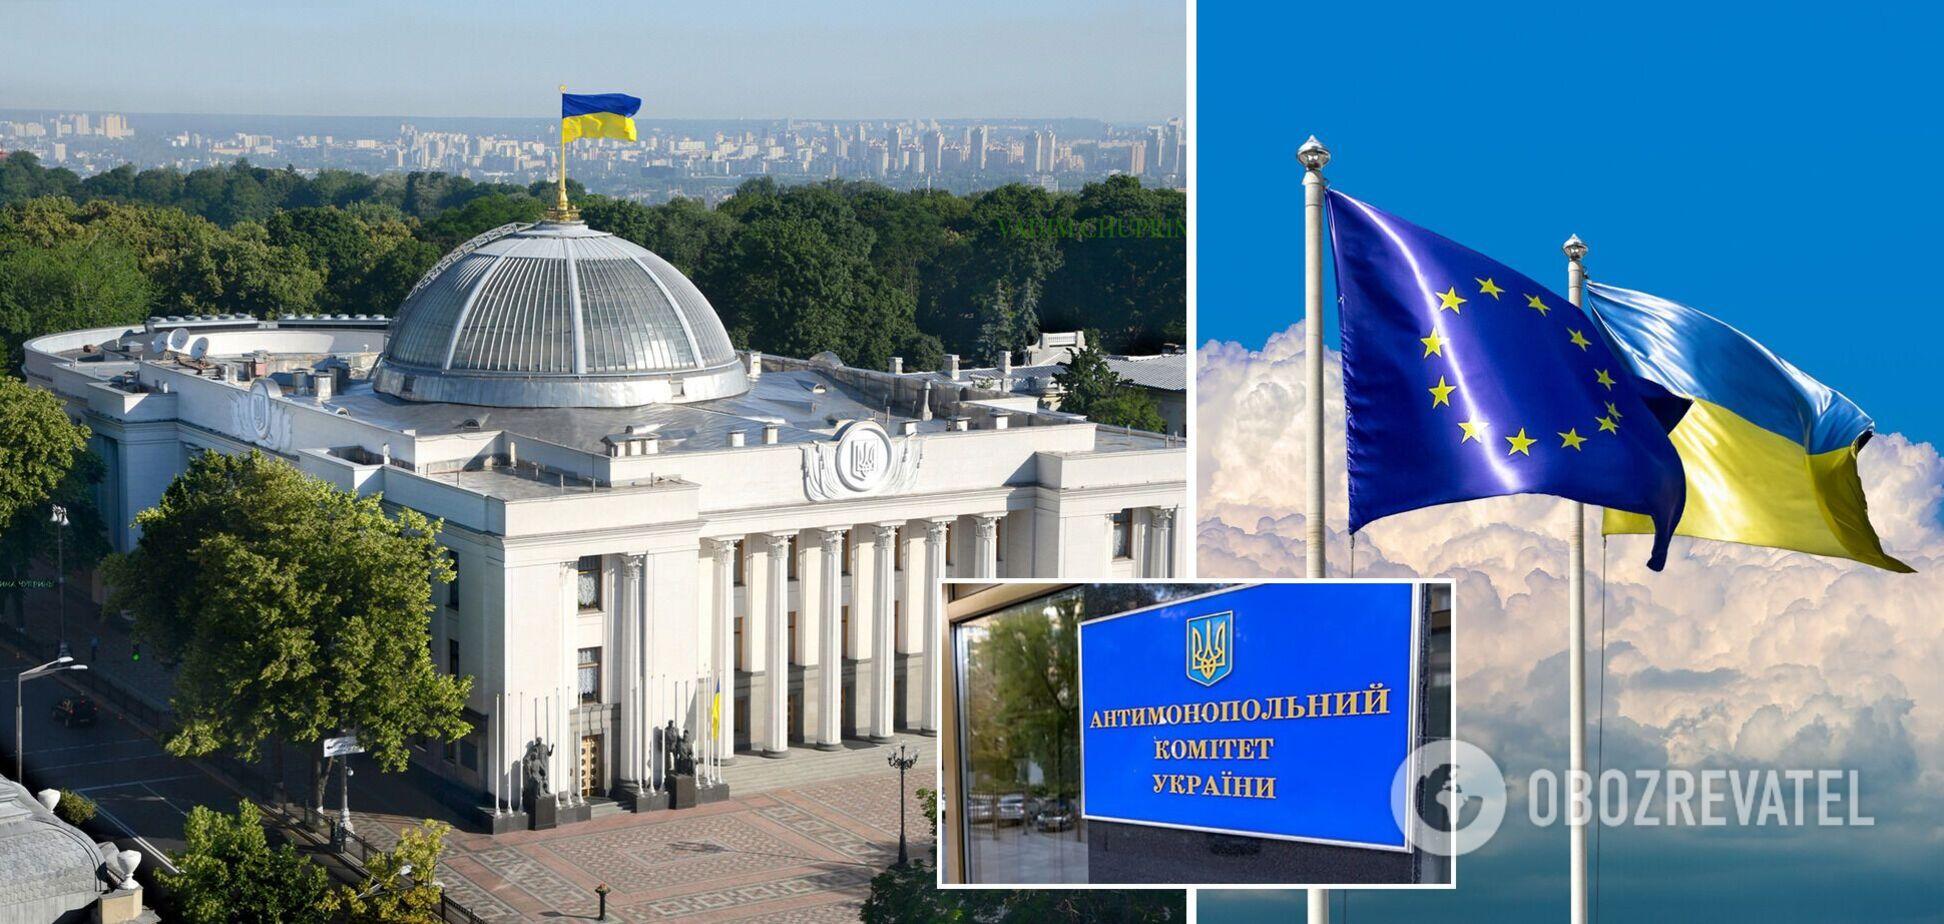 ЄС закликав Раду ухвалити законопроєкт про вдосконалення роботи Антимонопольного комітету